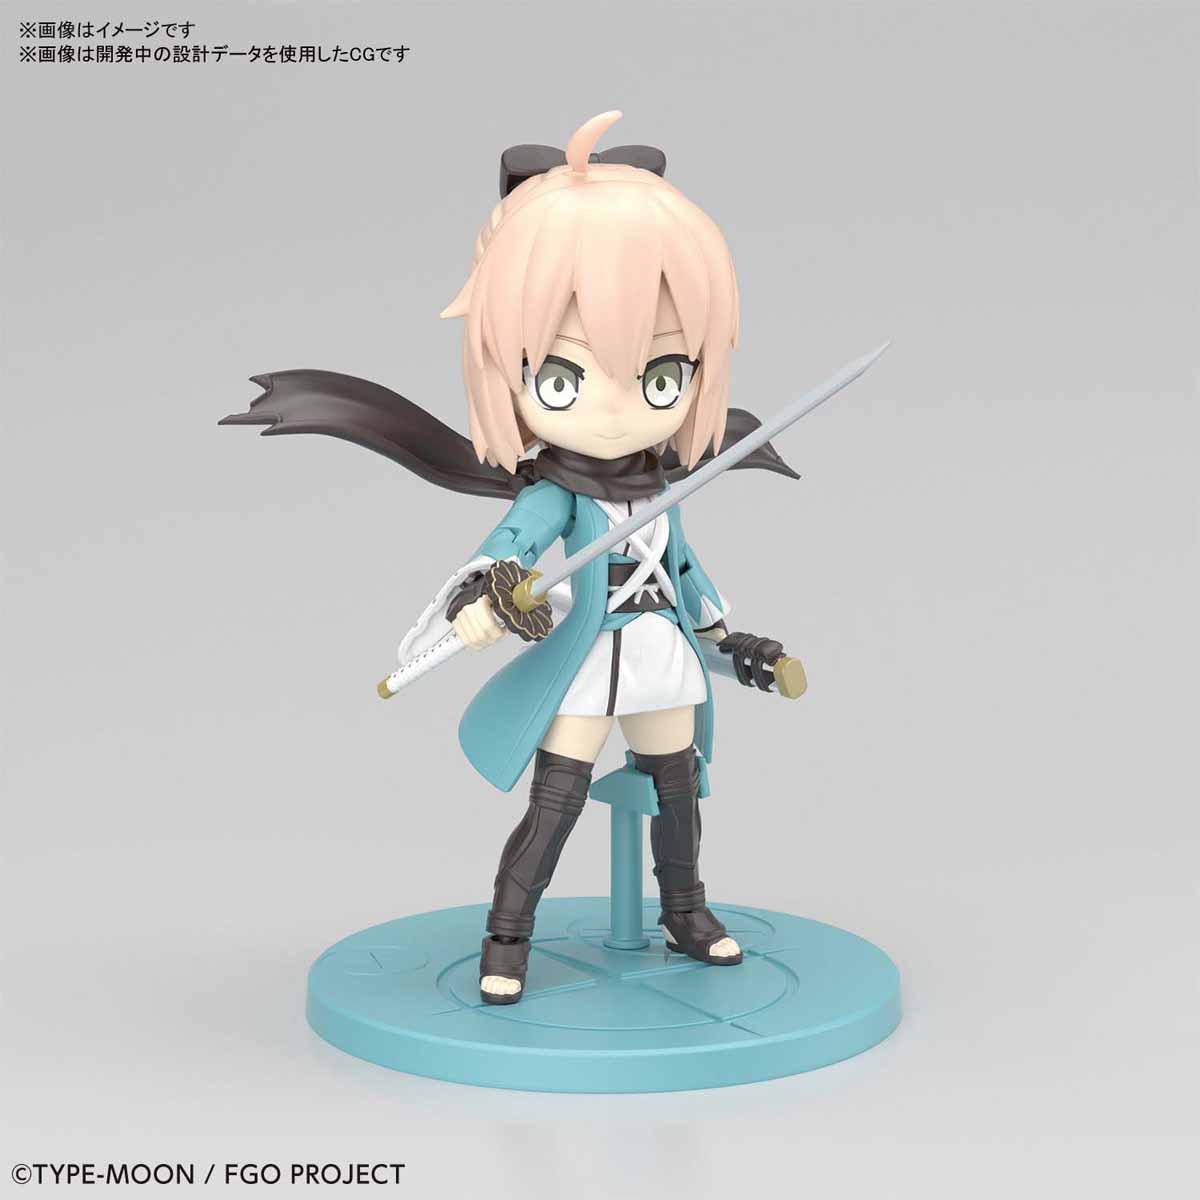 ぷちりっつ『セイバー/沖田総司』Fate/Grand Order プラモデル-001